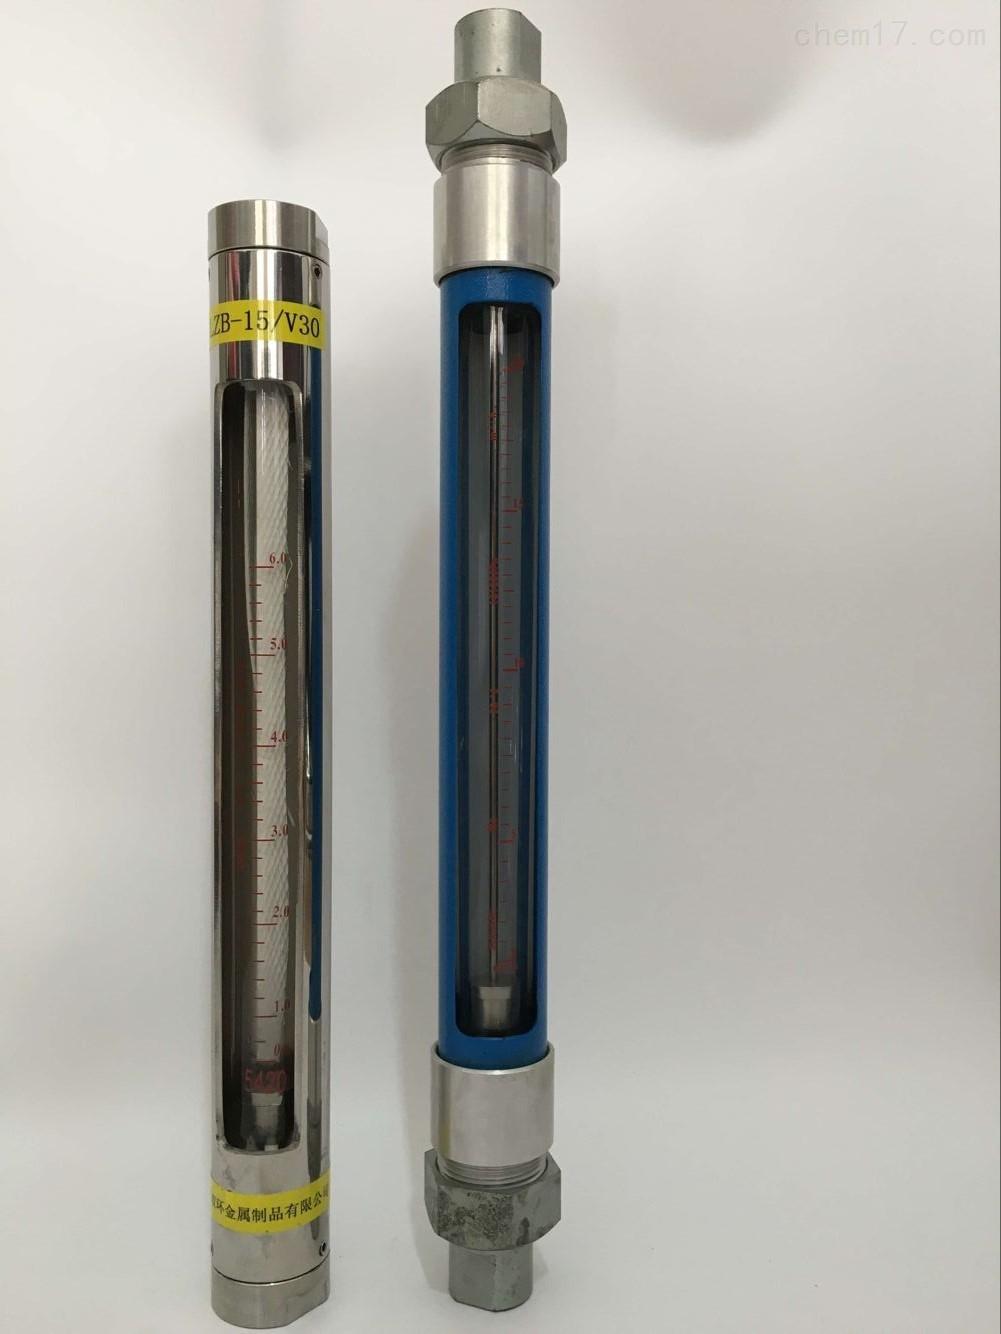 管螺纹玻璃转子流量计VA10-15